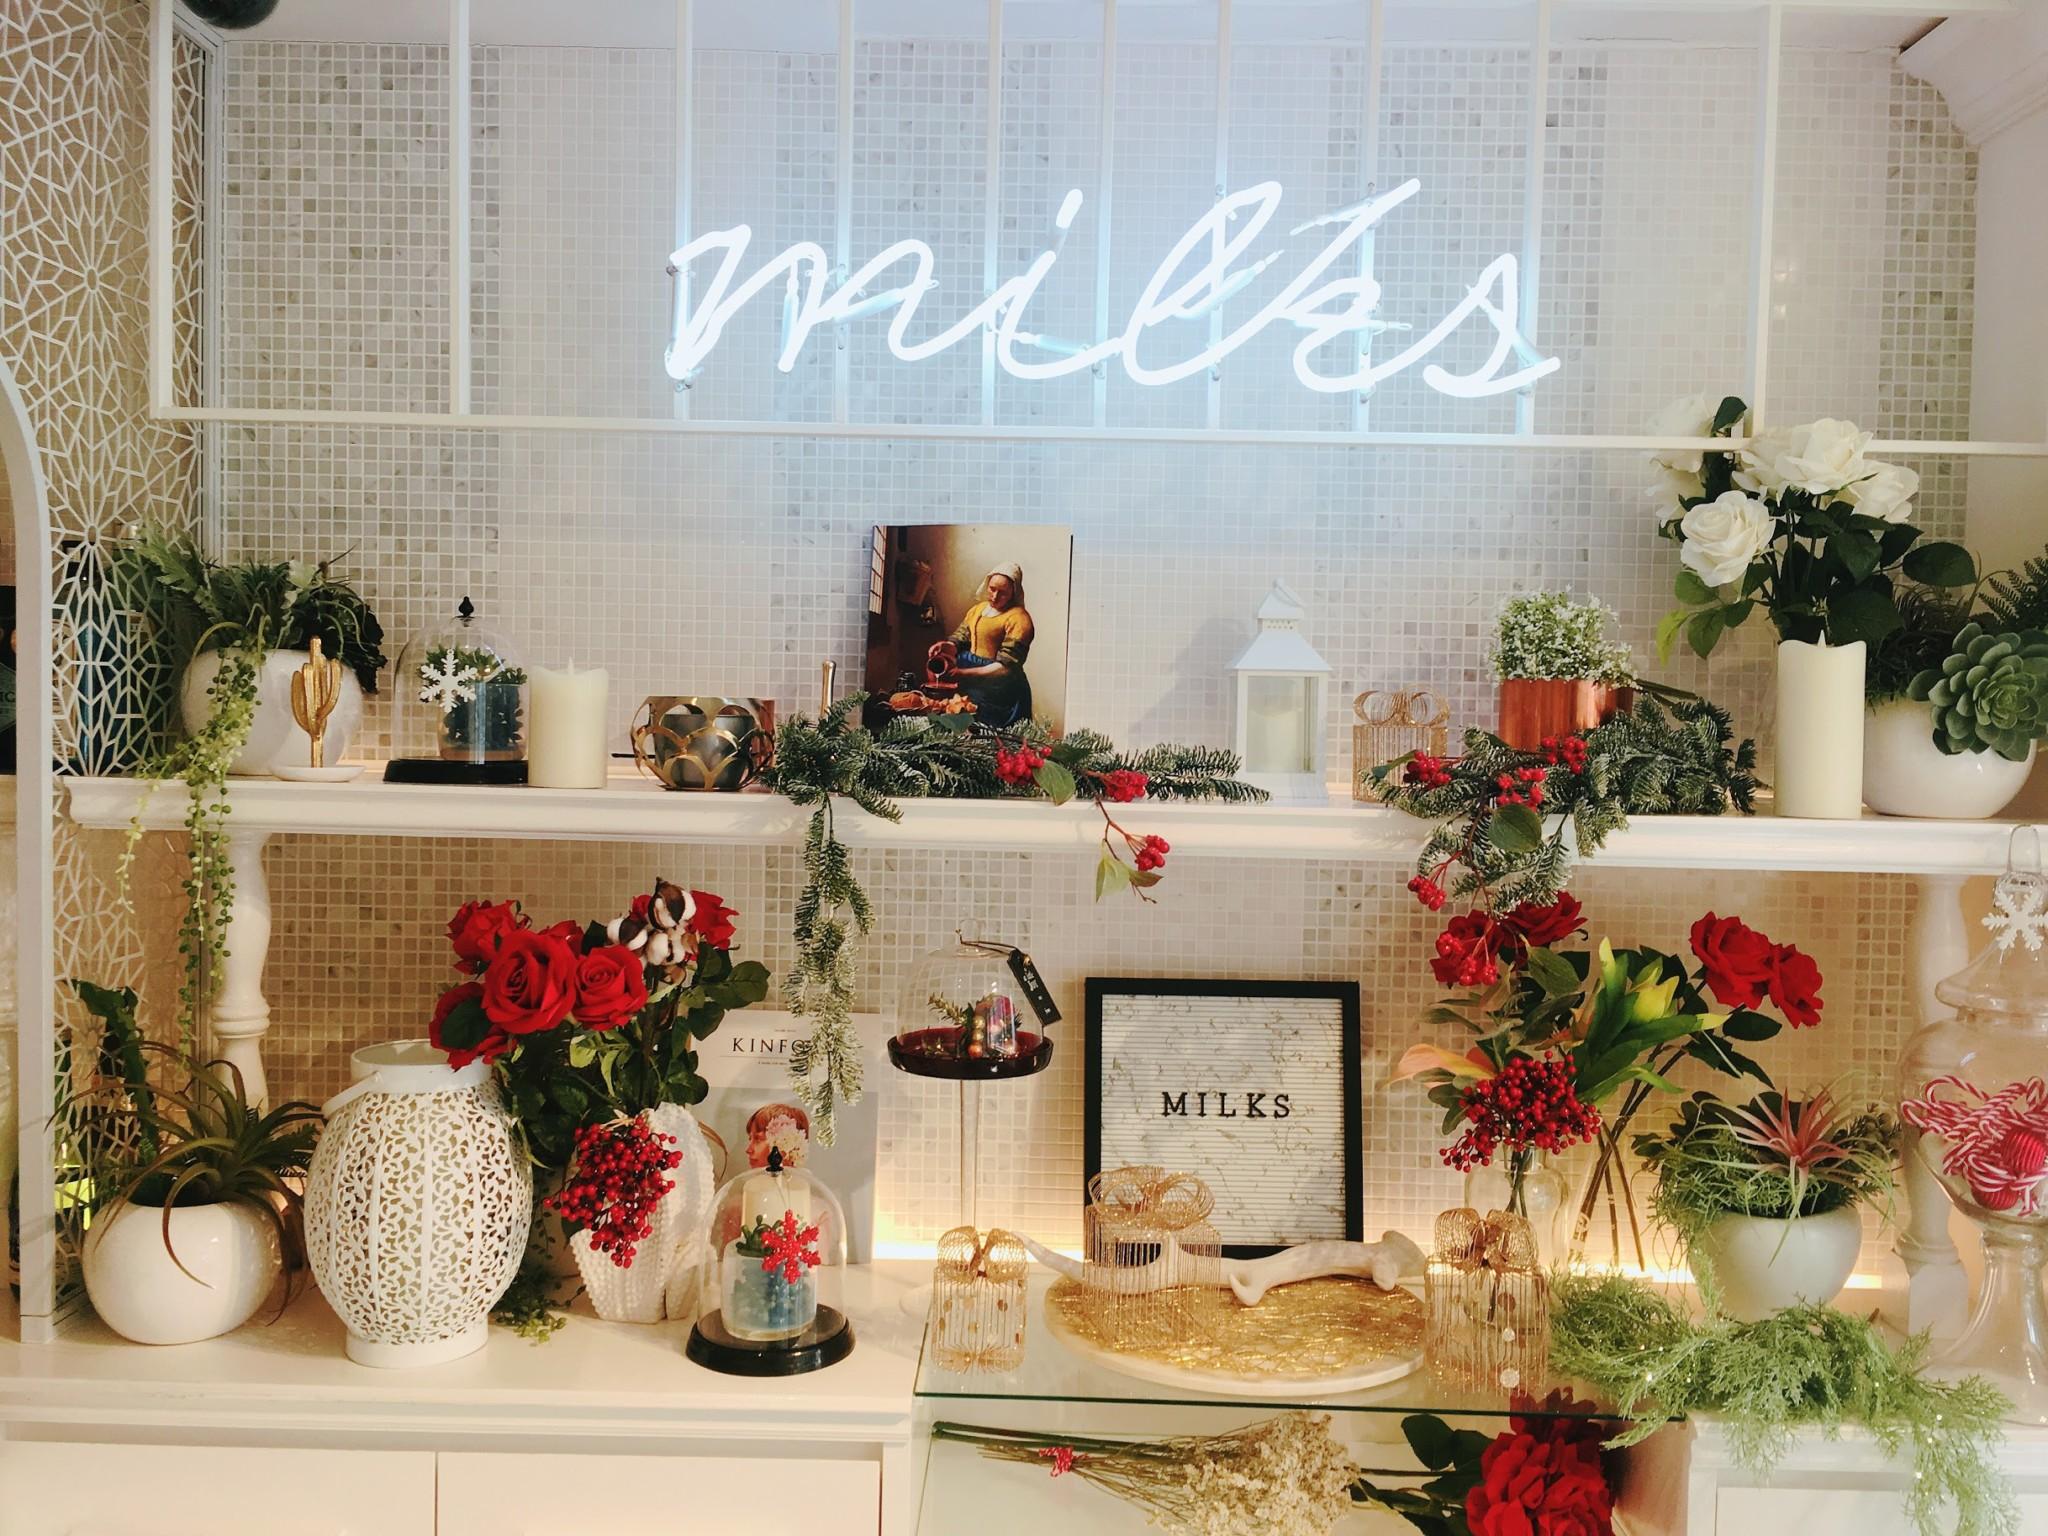 「ソフトクリーム+お酒」恵比寿のカフェ『MiLKs(ミルクス)』の画像2